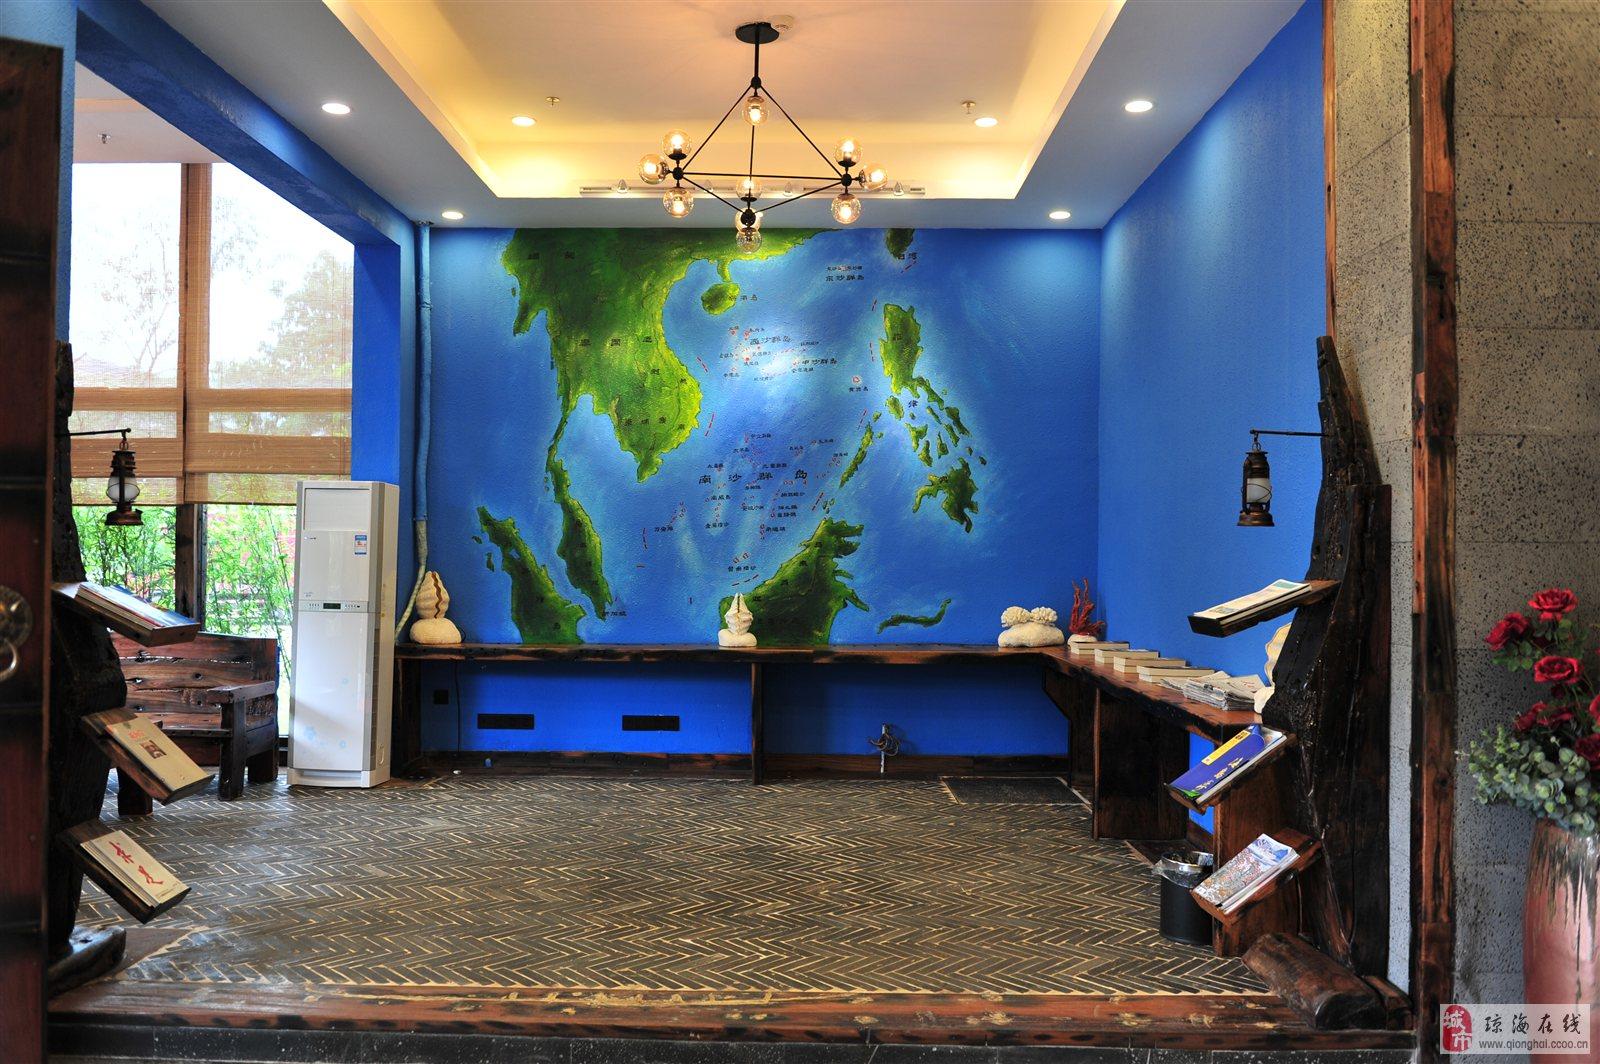 集南海鱼耕文化,海岛慢调休闲咖啡厅,豪华船舱室式精心设计的特色客房